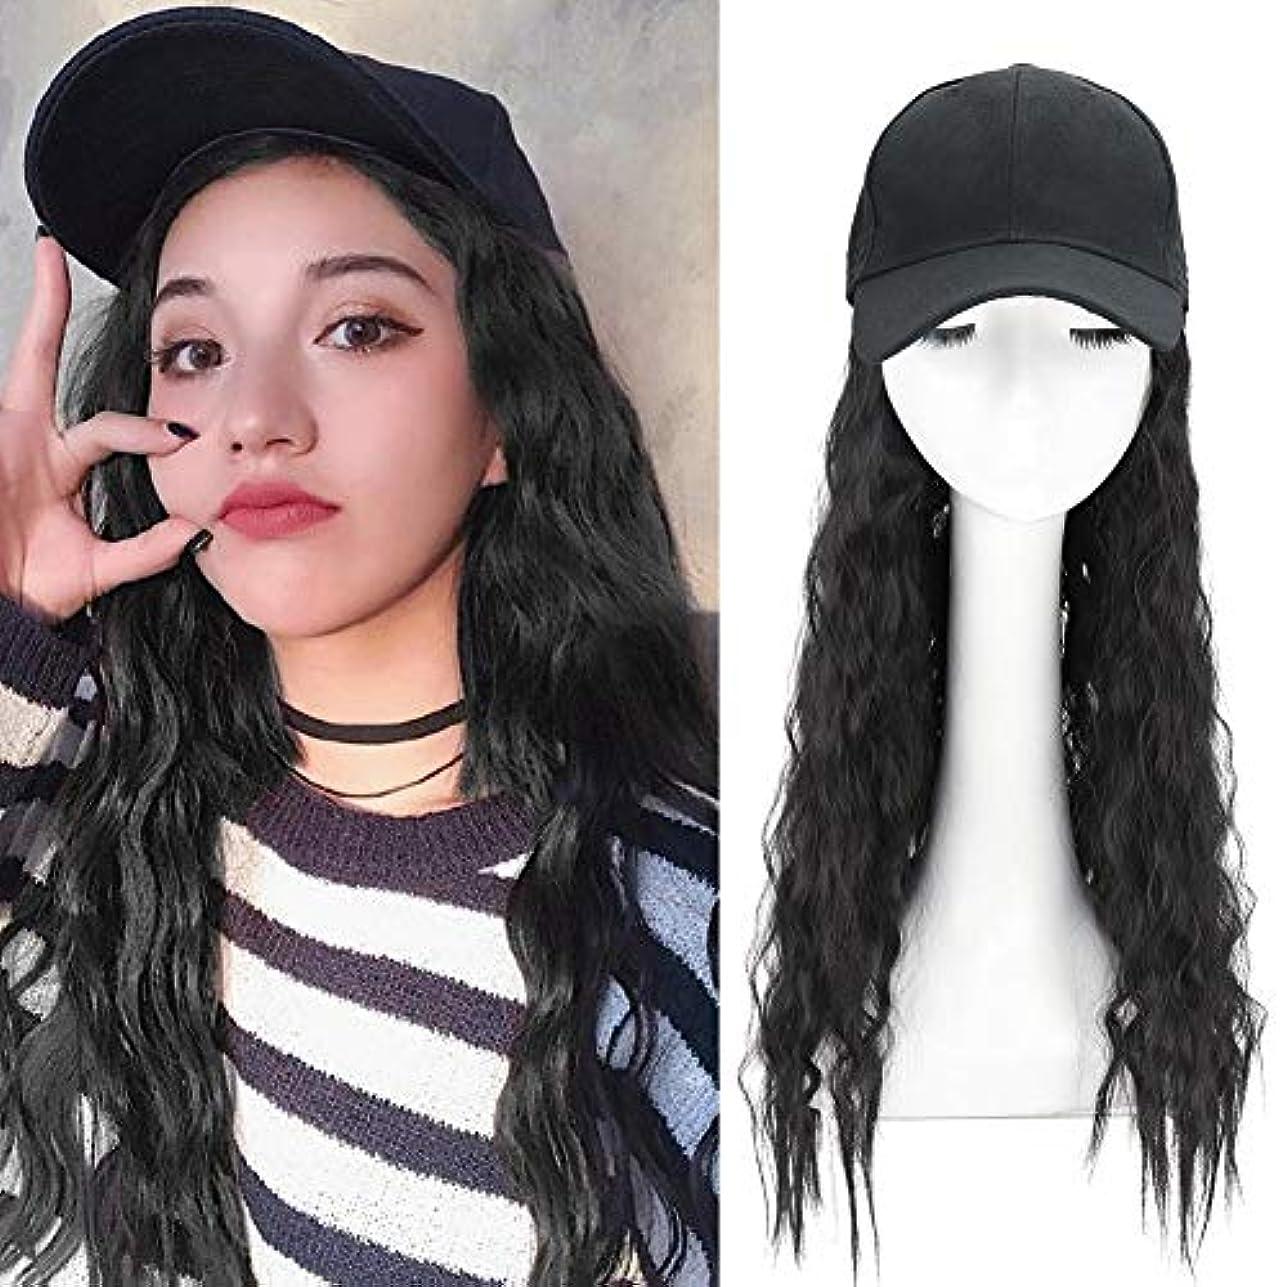 クラウンマオリ実施する長い巻き毛を持つ合成長波野球帽合成毛を持つ波状かつらキャップ女の子のための髪を持つ調整可能な野球帽帽子